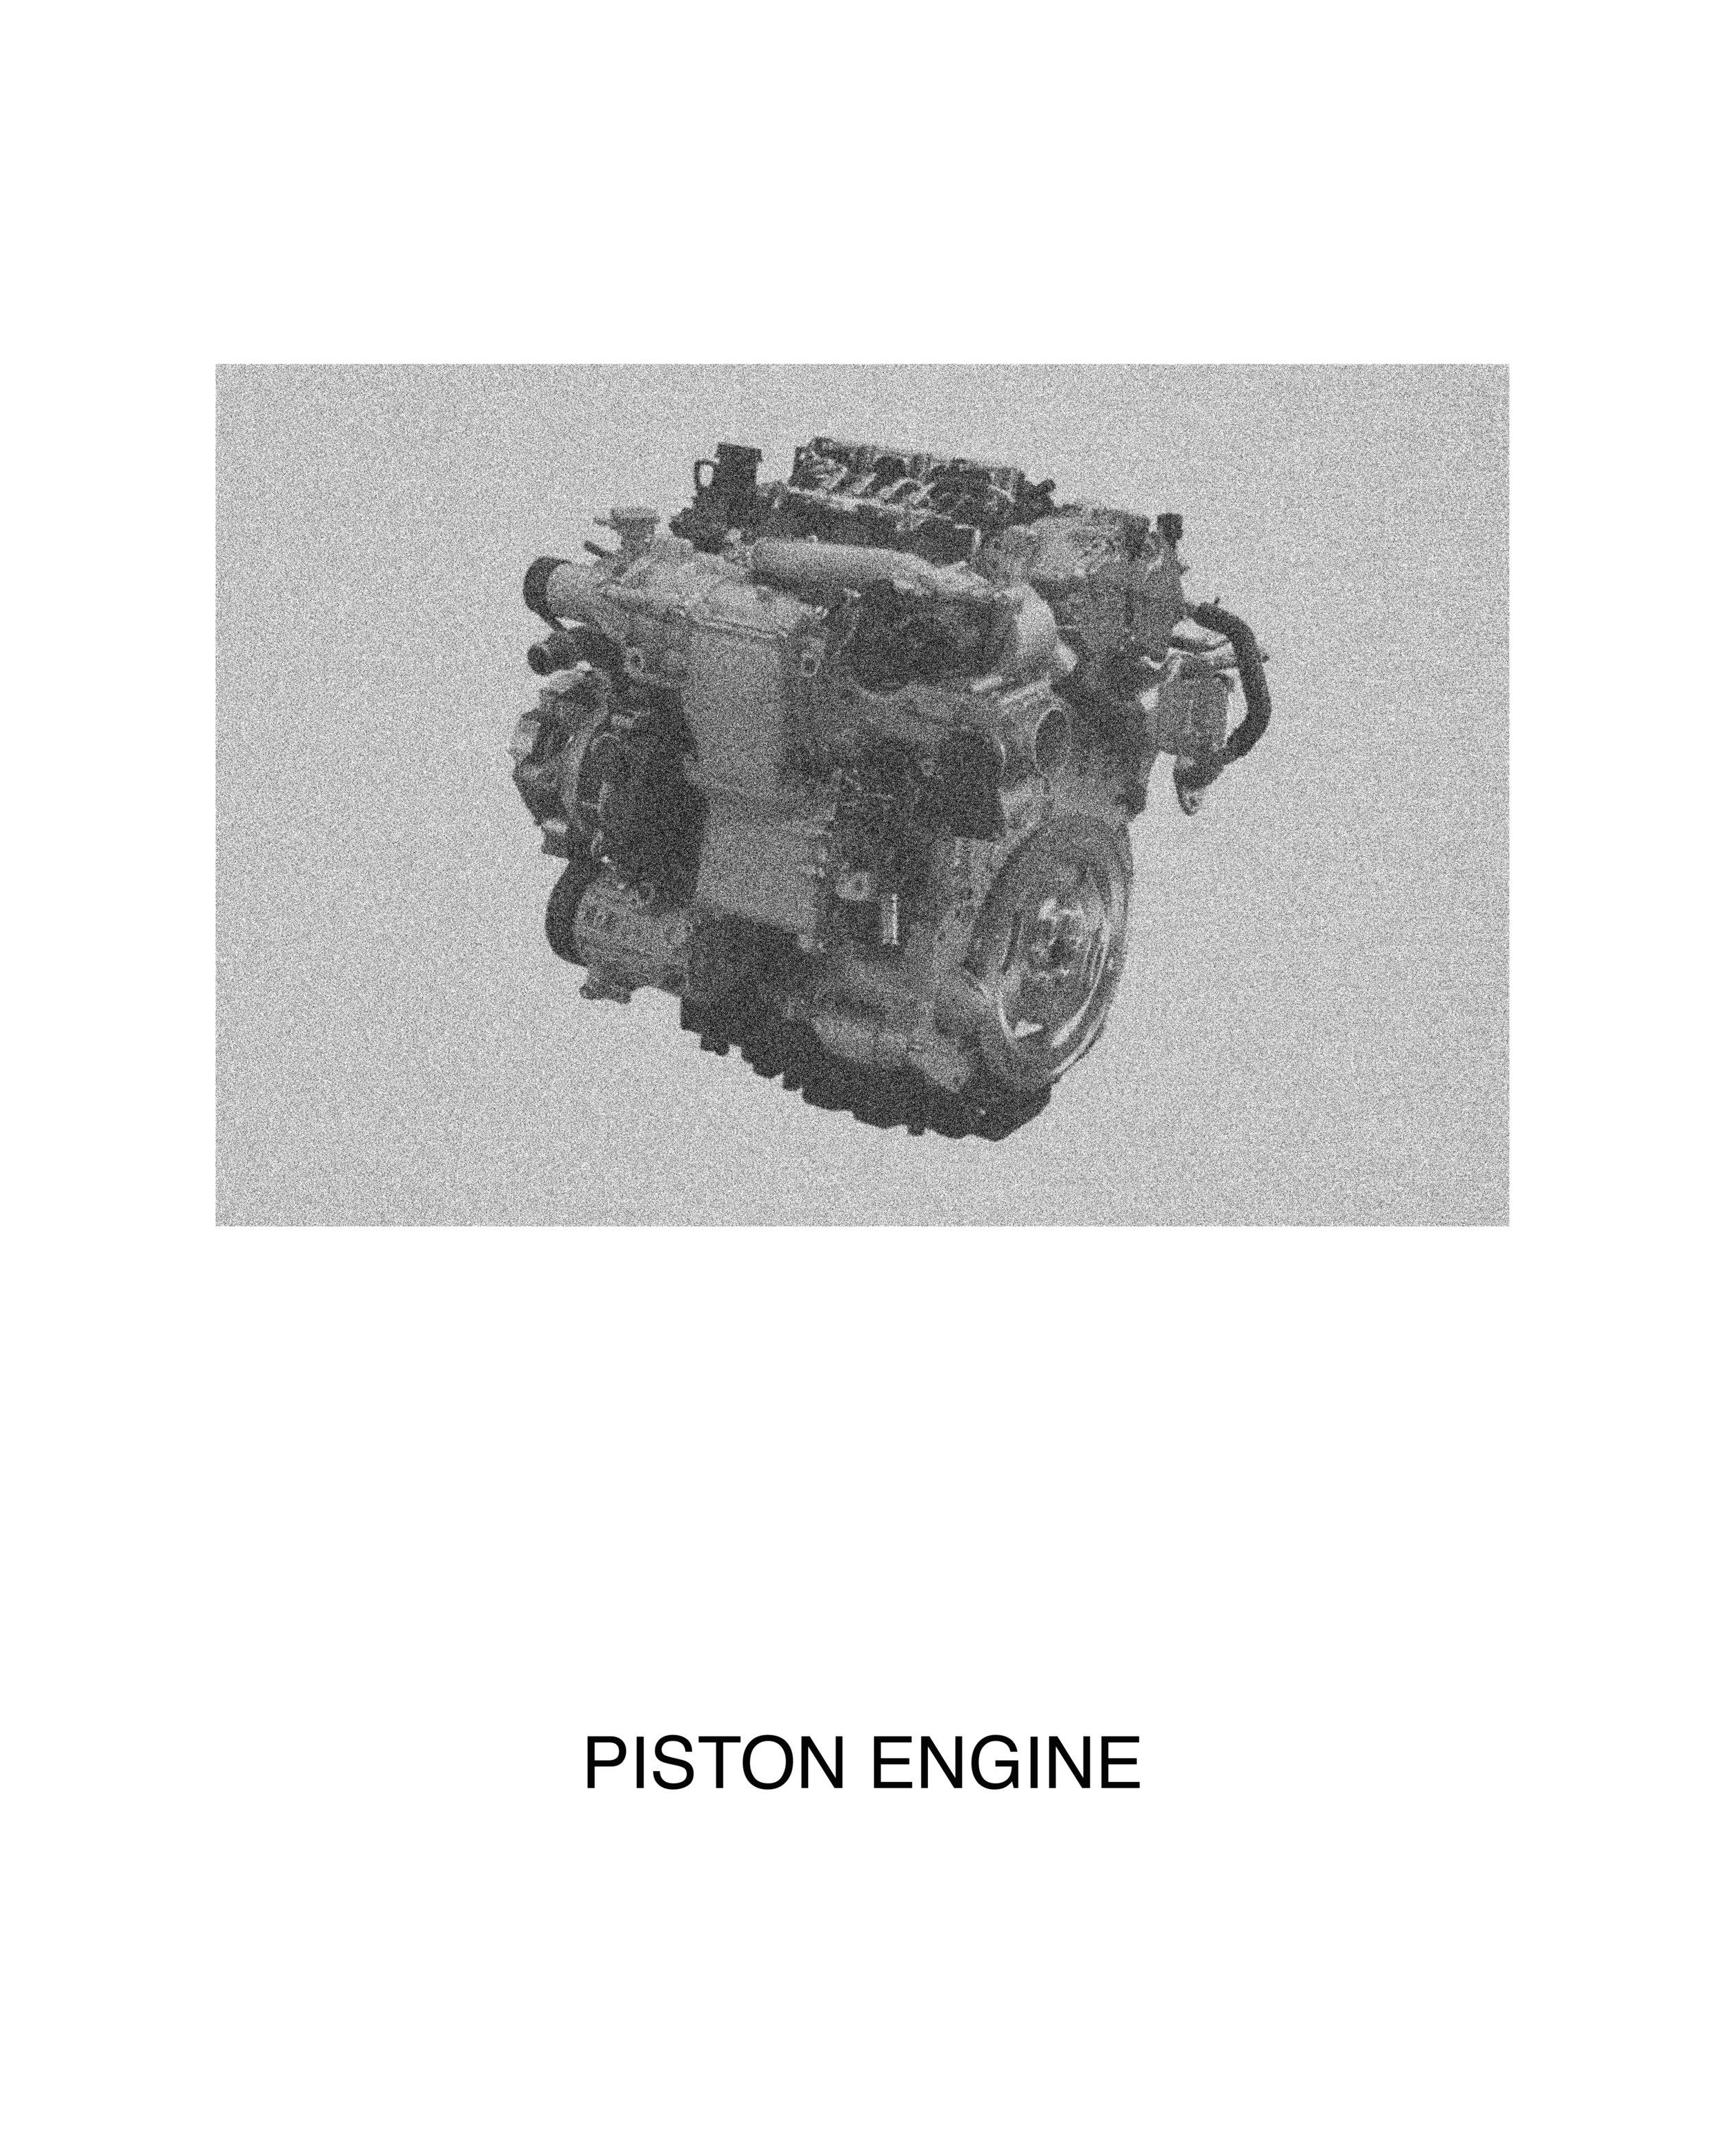 PISTON ENGINE.jpg